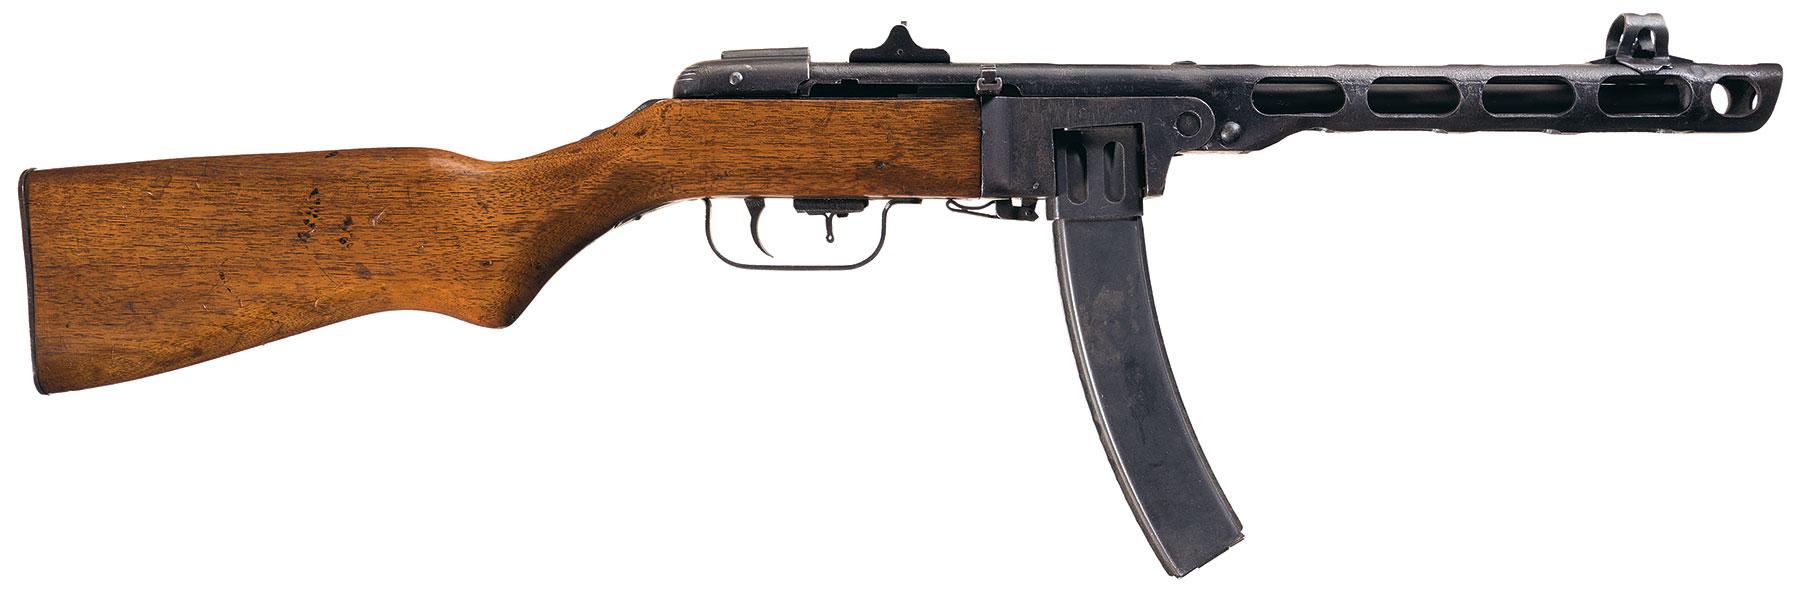 chinese type 50 submachine gun